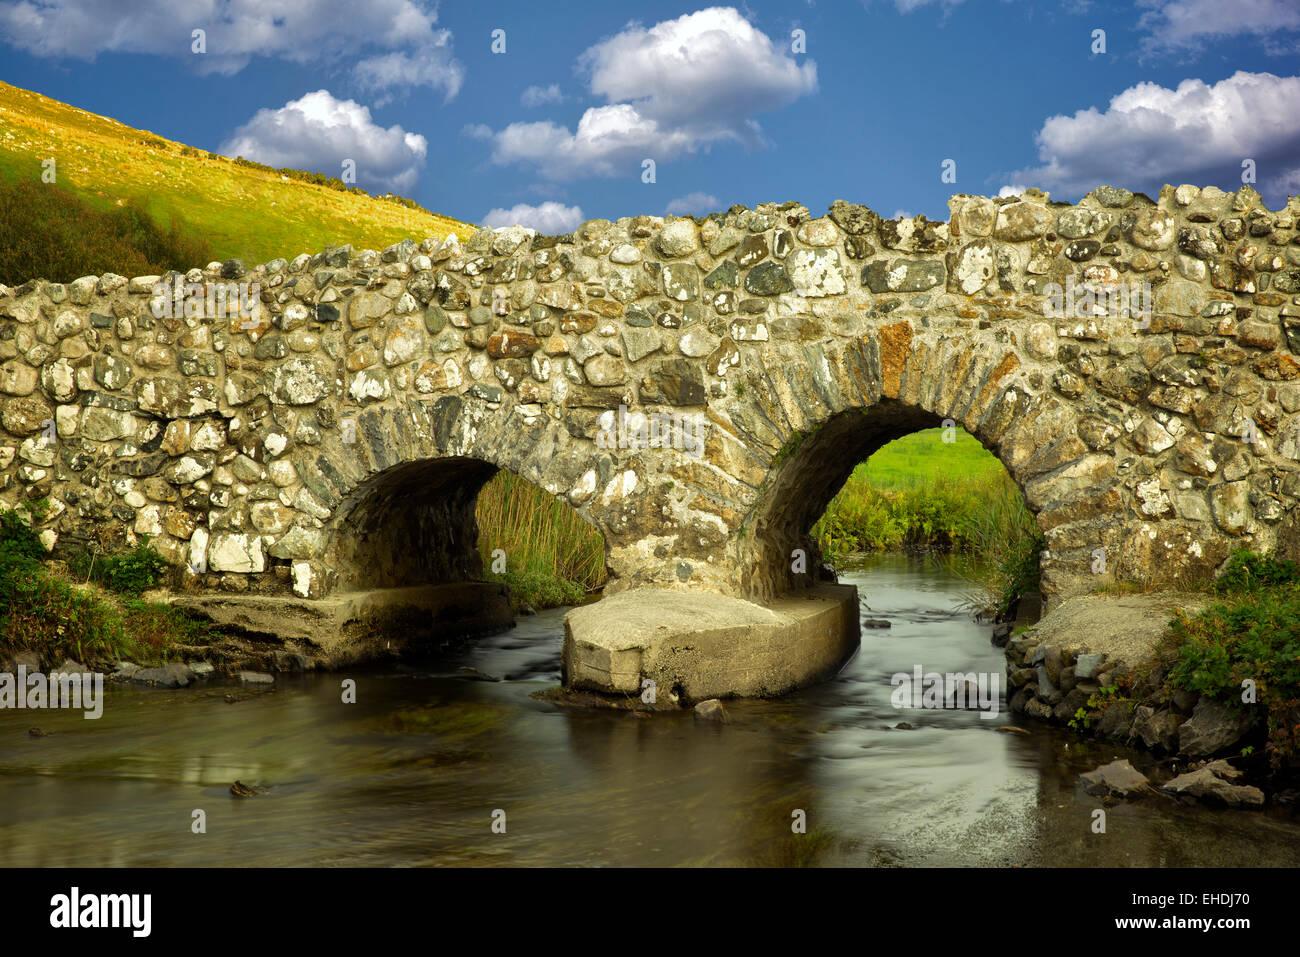 Apprendere ponte in prossimità di Oughterard, Irlanda. In primo piano nell'uomo tranquillo film Immagini Stock